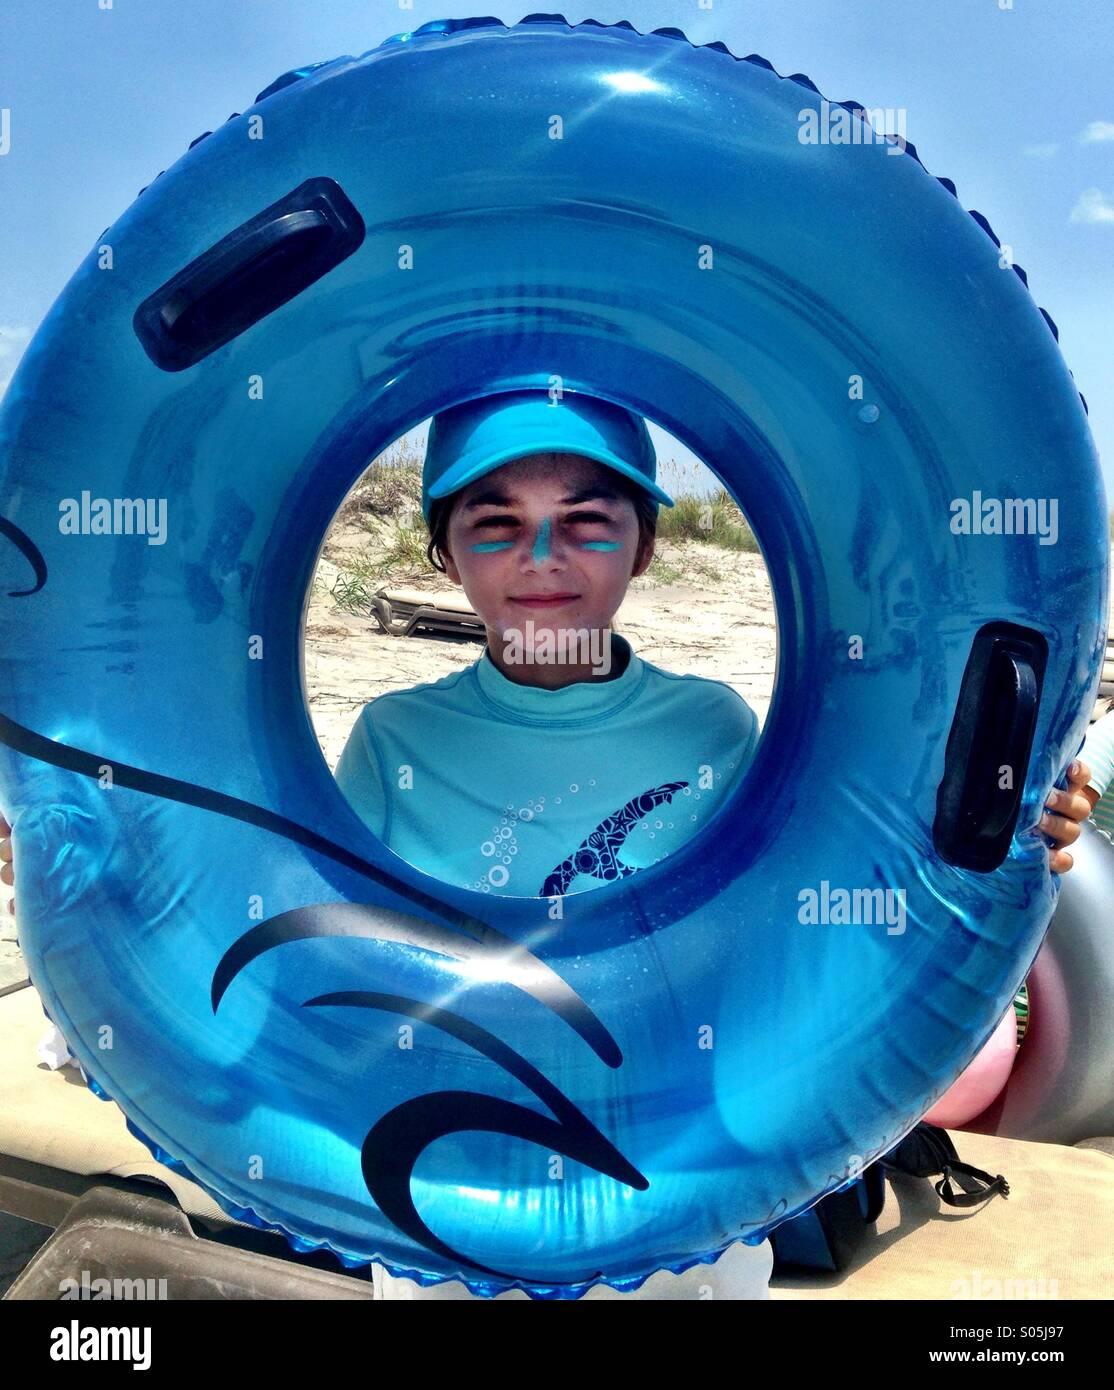 Uma bonitinha kid num hat comporta até um azul ao seu redor sunscreened innertube-face. Imagens de Stock